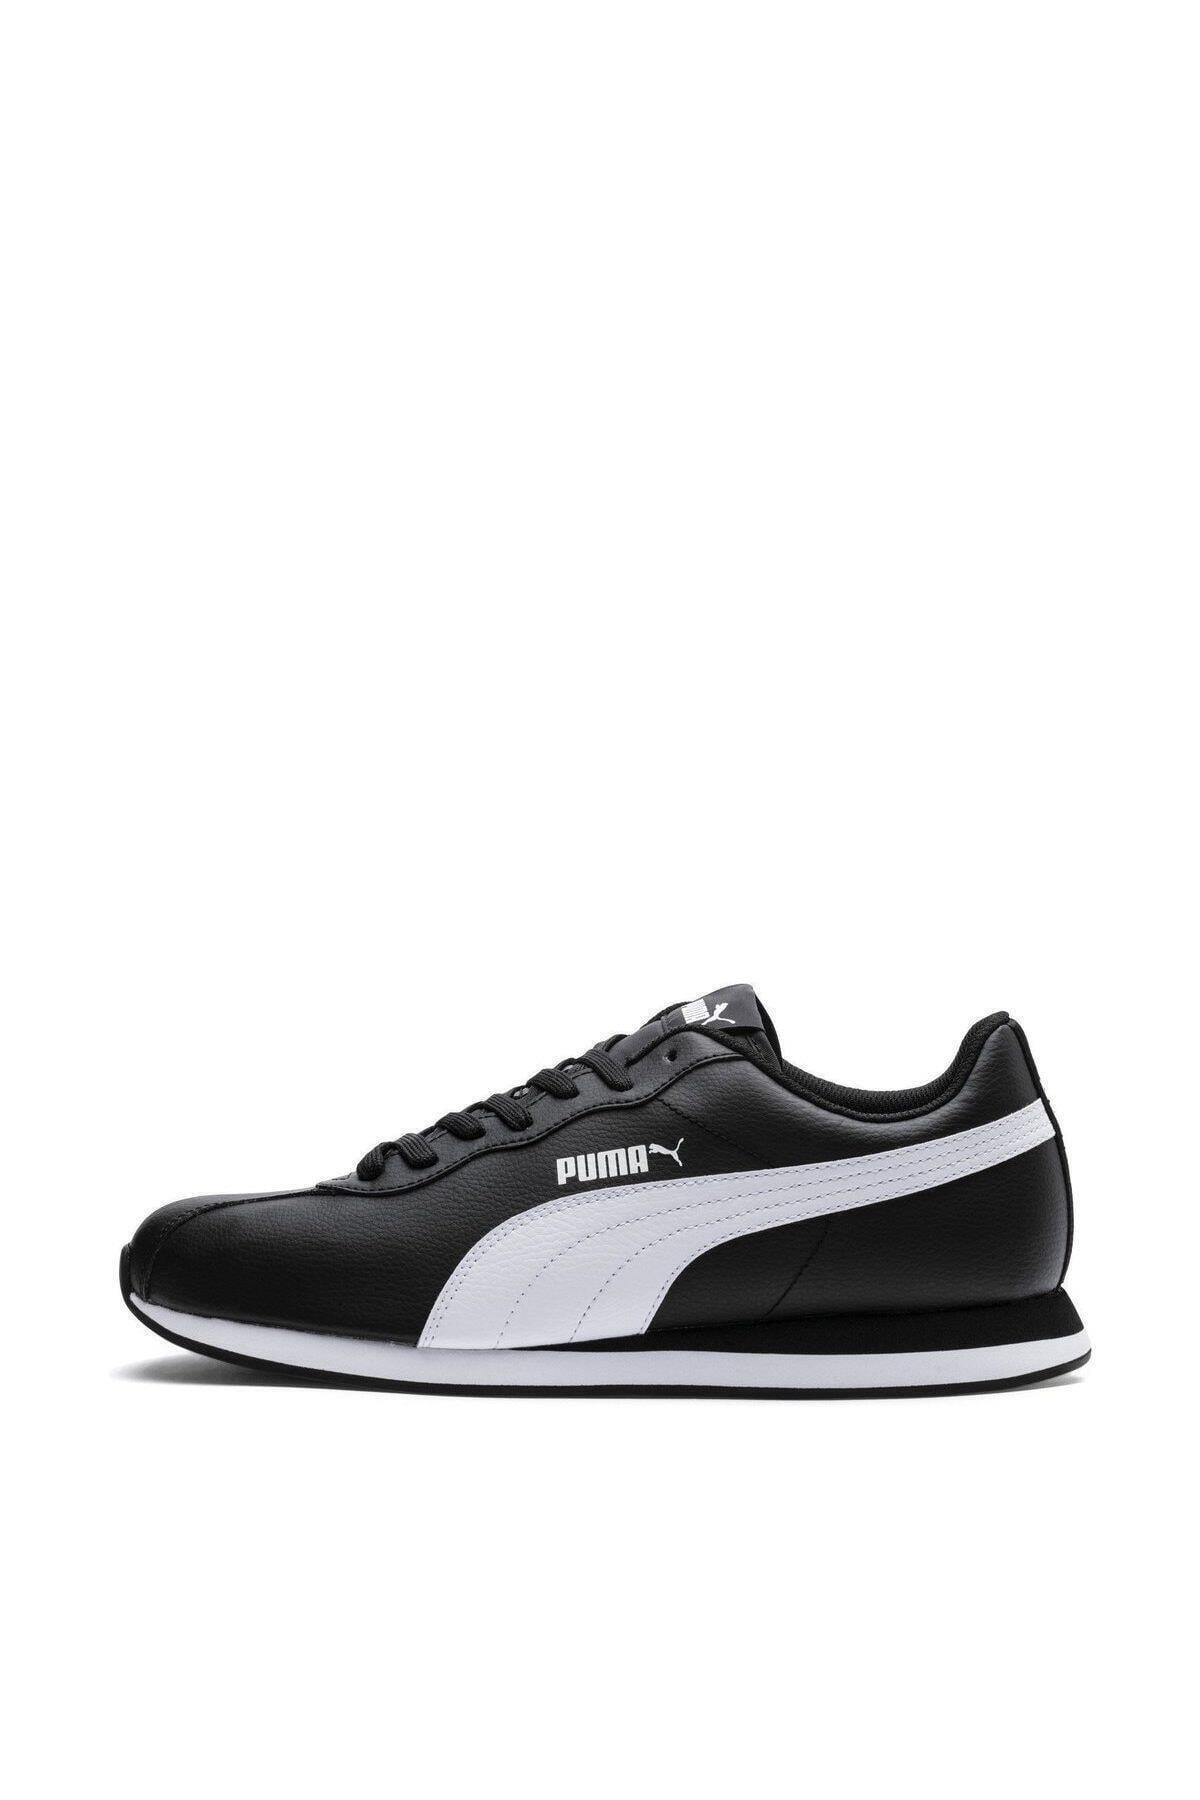 Puma Turin Iı Black- White 2